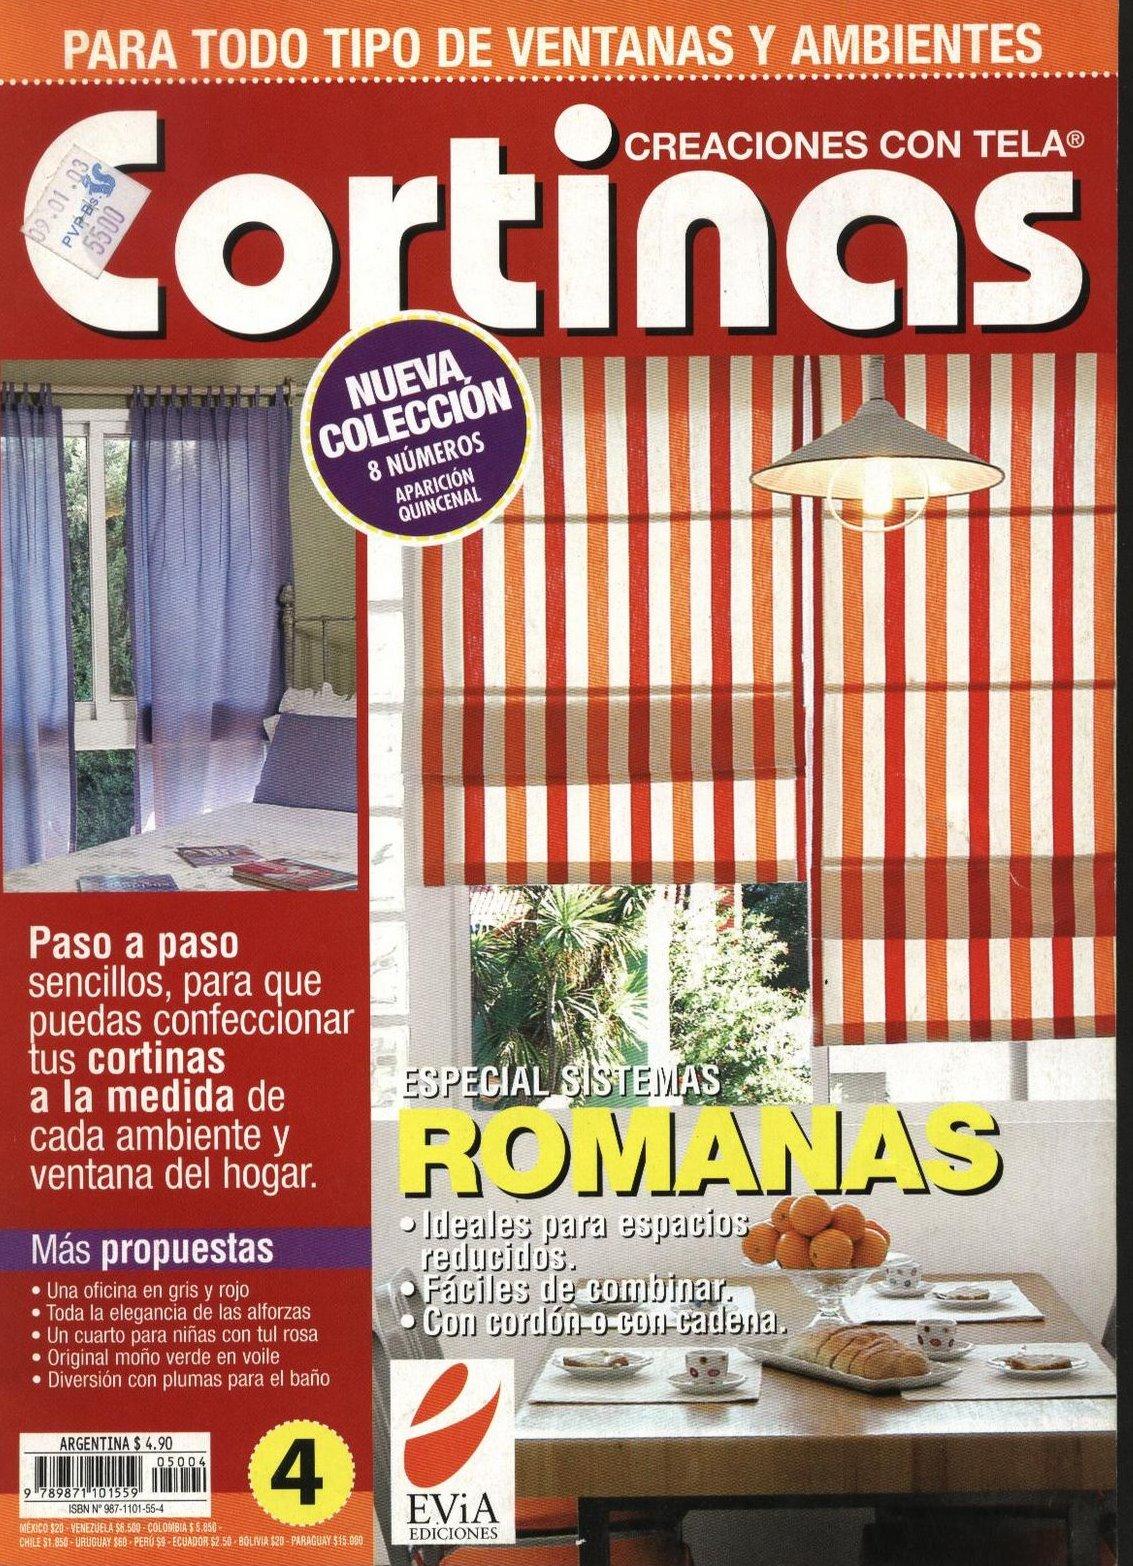 Cortinas De Baño Utilisima:Manualidades: CREACIONES CON TELA